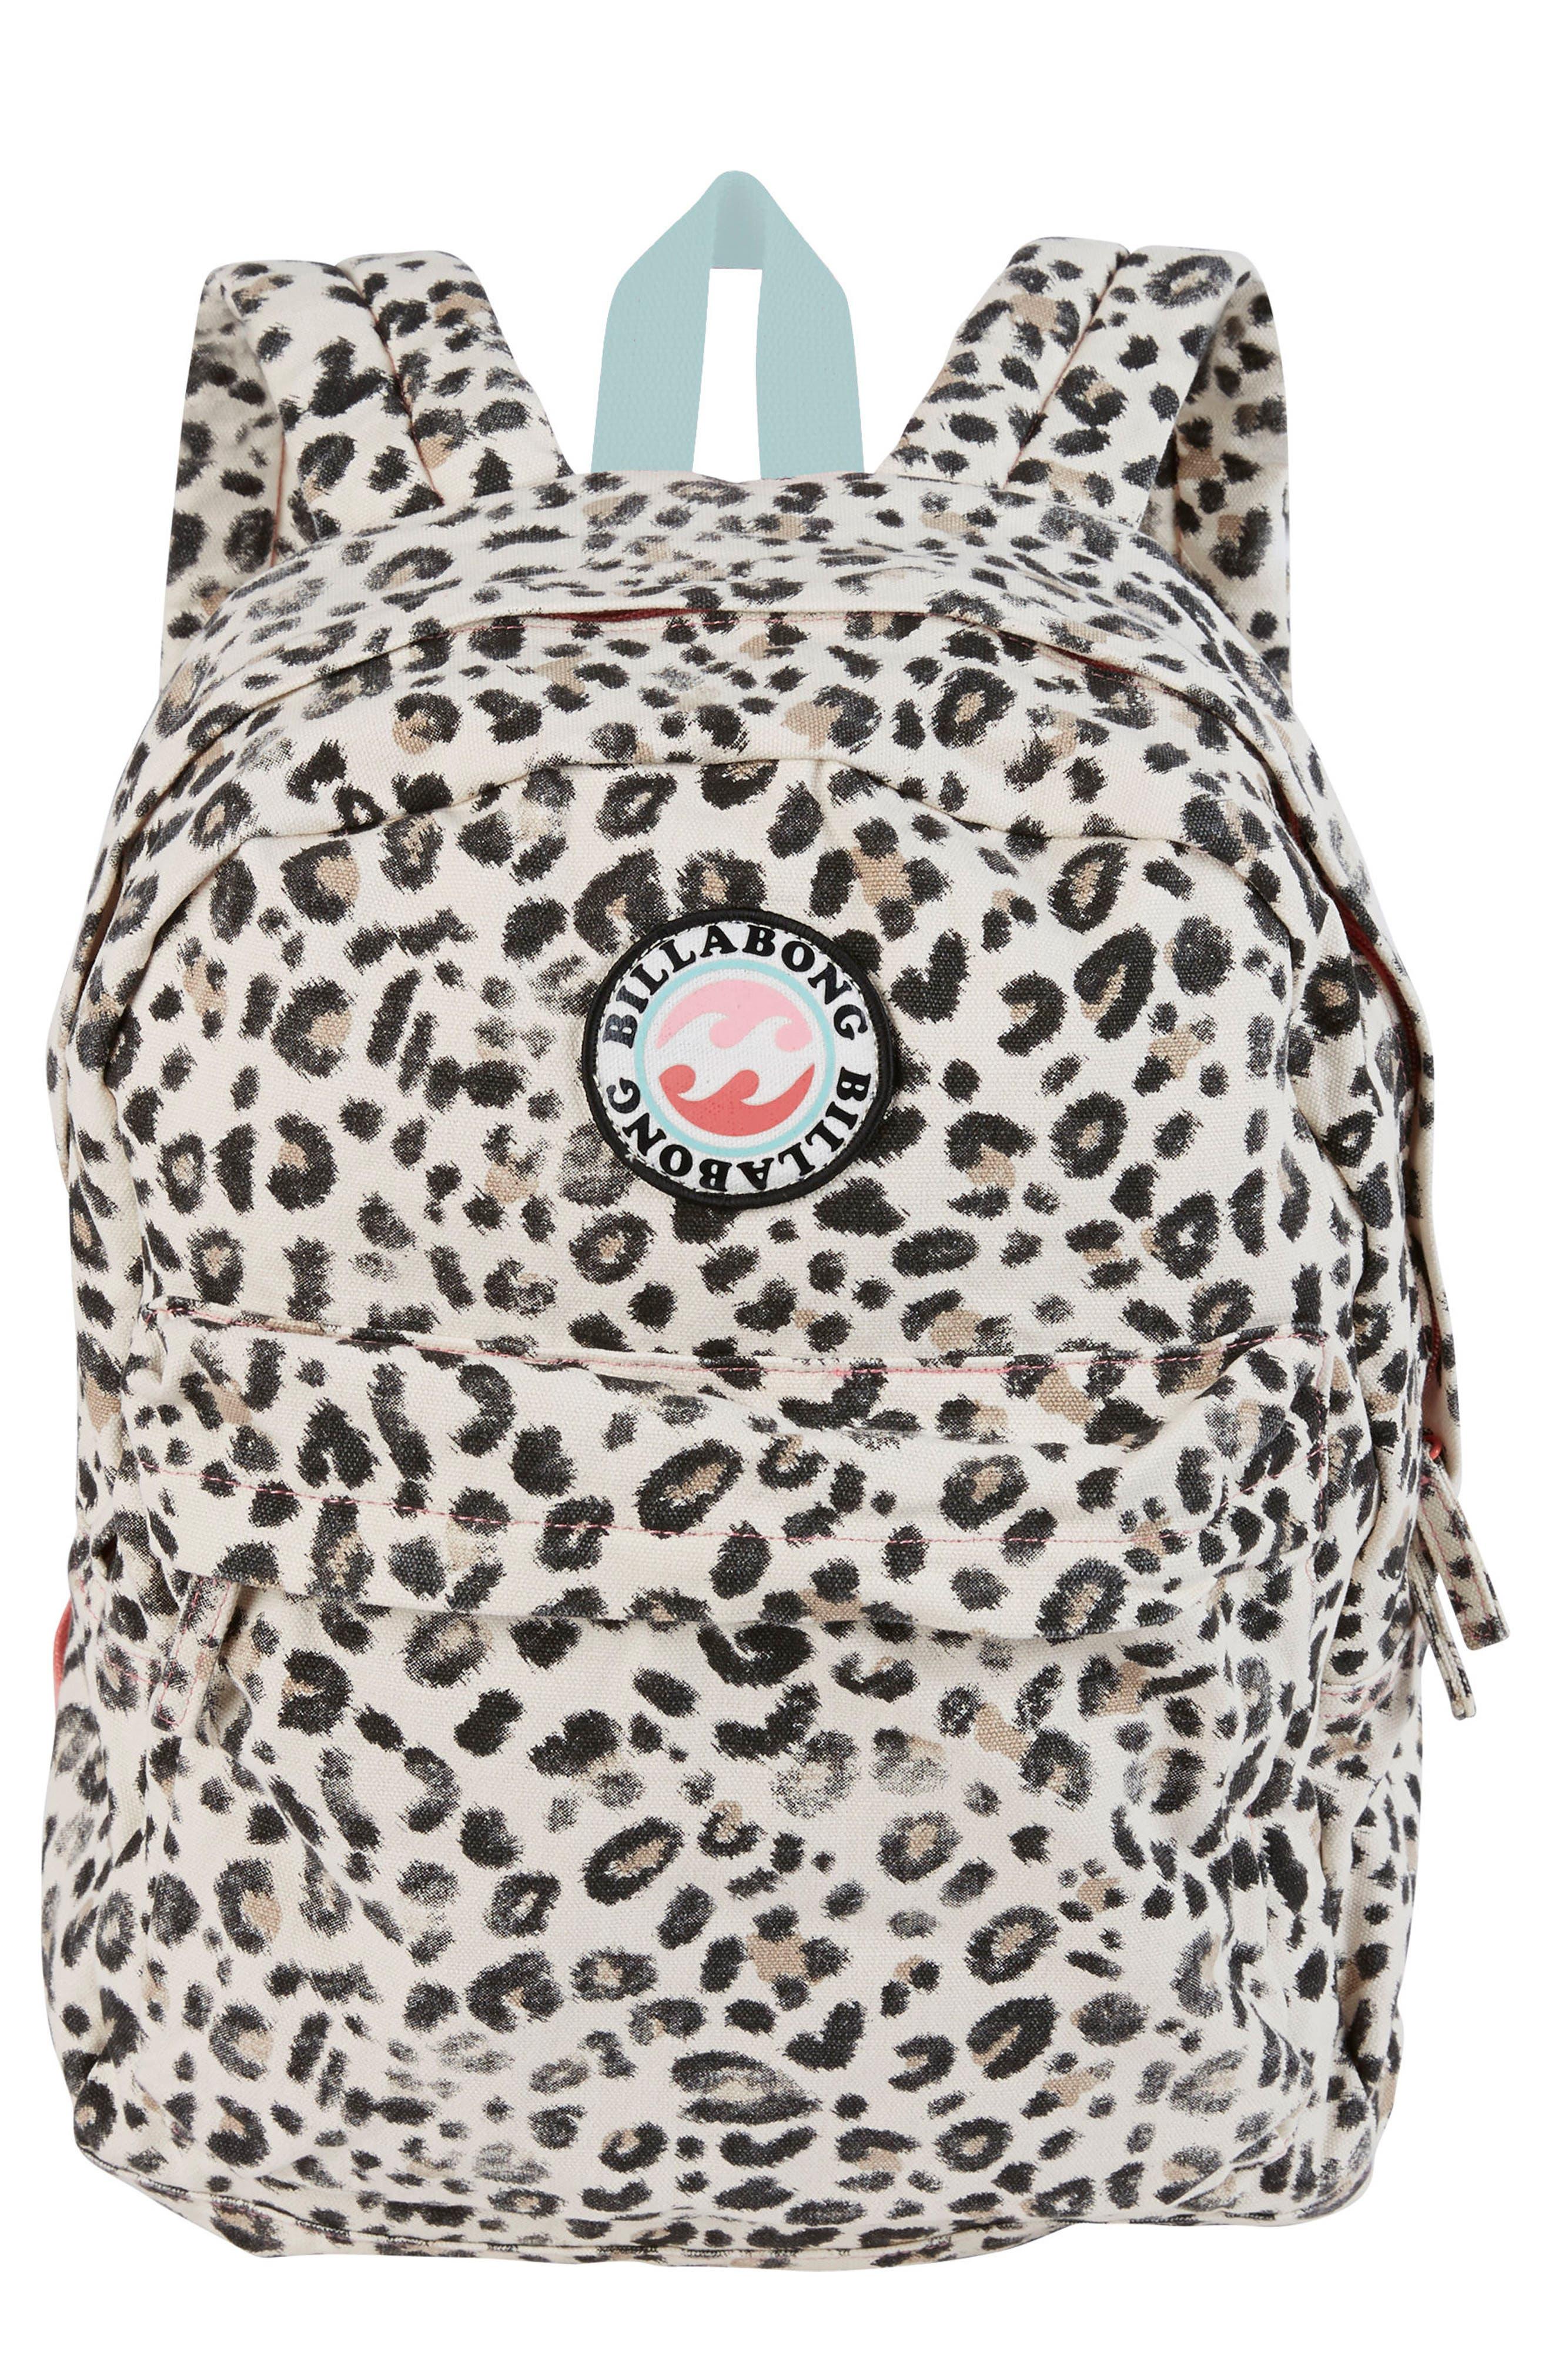 Billabong Play Date Canvas Backpack (Girls)